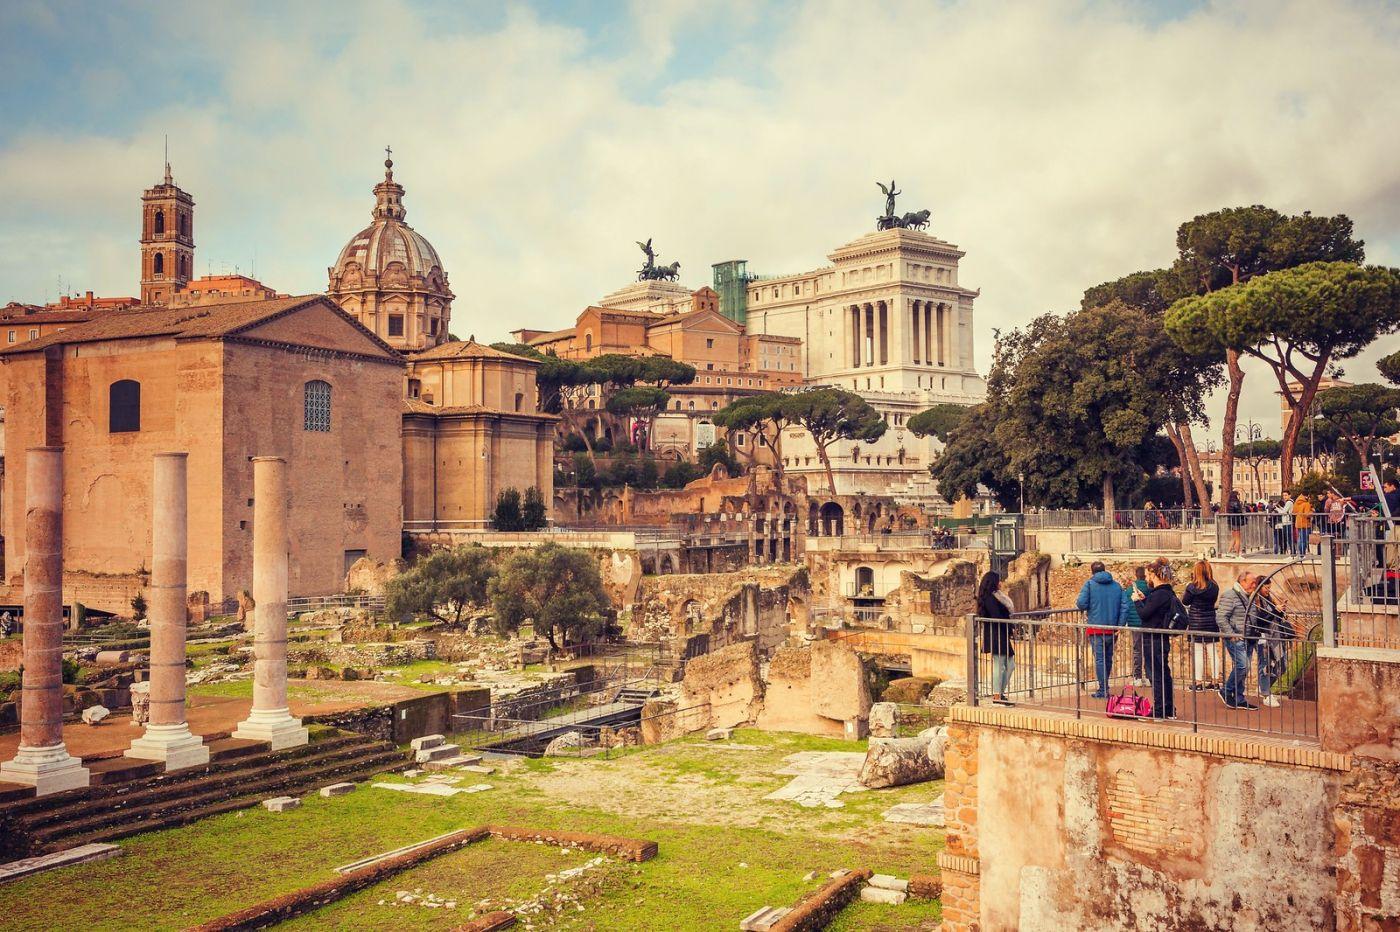 意大利罗马论坛,很敬佩_图1-18